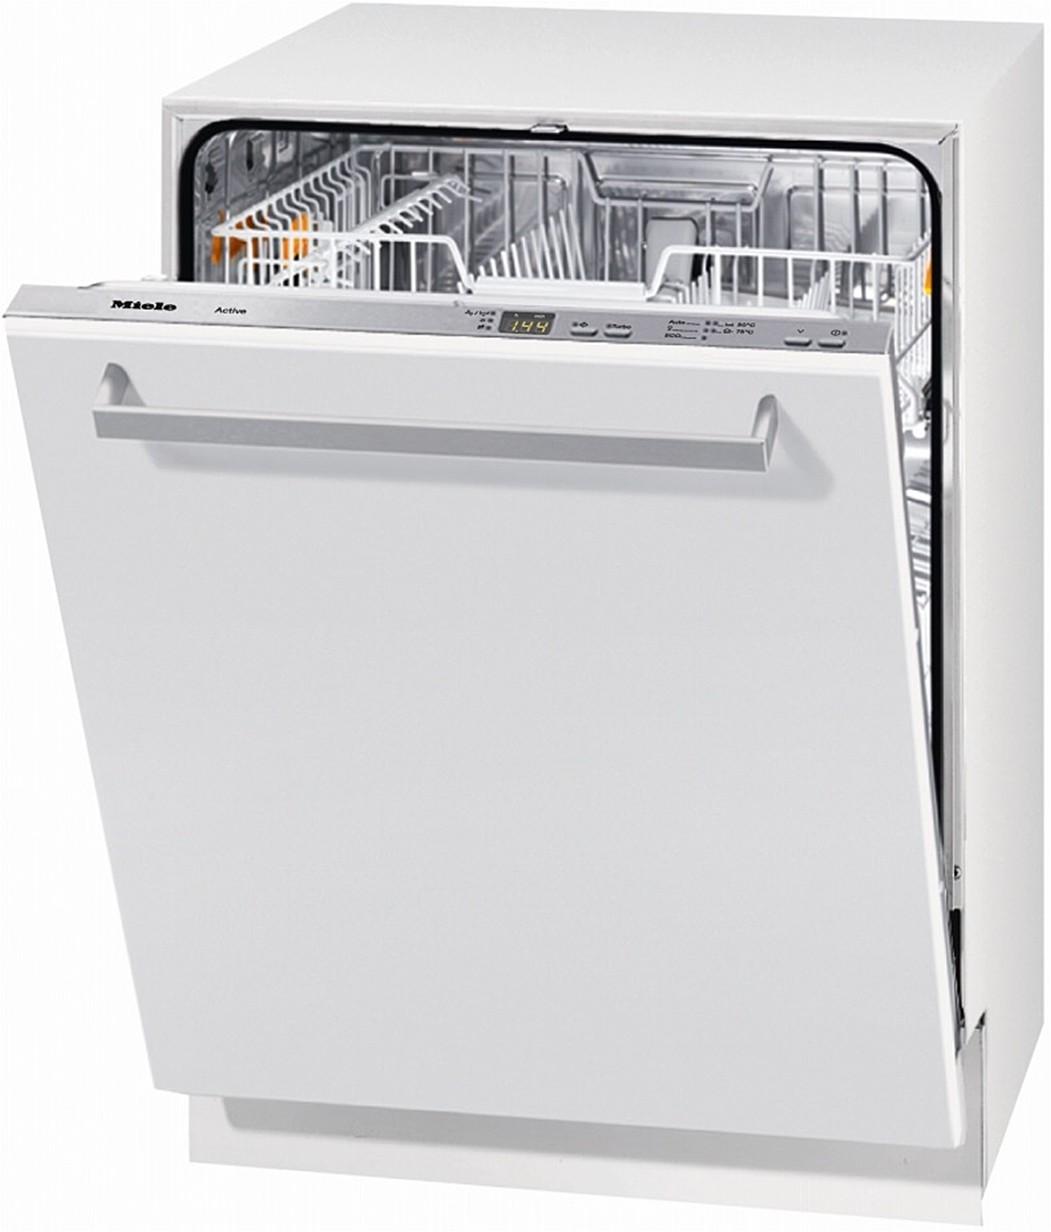 Find en ny billig opvaskemaskine - Elgiganten